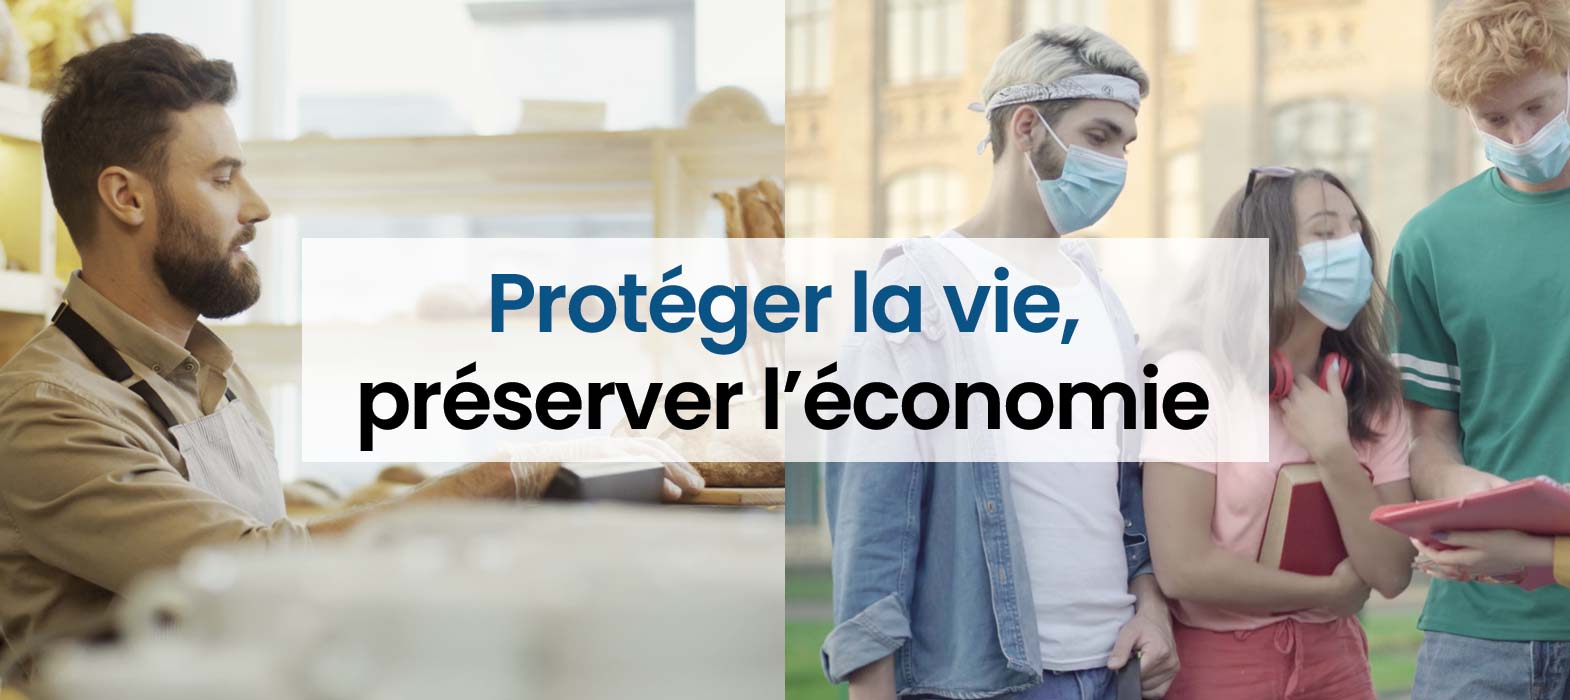 GRAND-EST : Covid-19 : protéger la vie, préserver l'économie